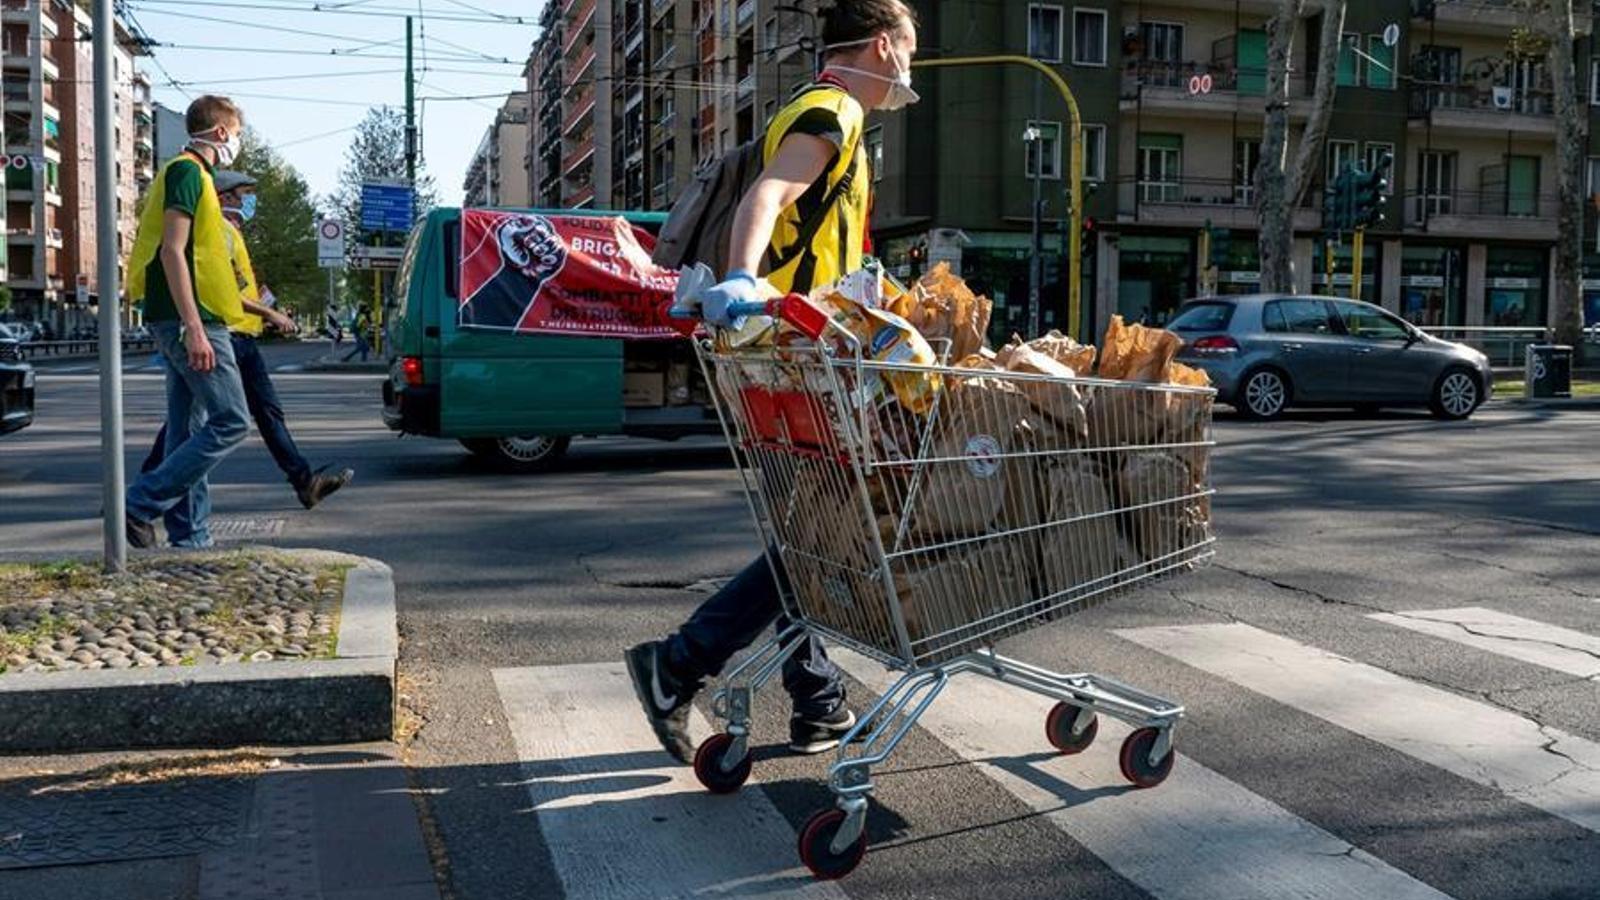 Voluntaris de la Brigada de Milà portant productes de primeres necessitats a les famílies que s'han quedat sense ingressos